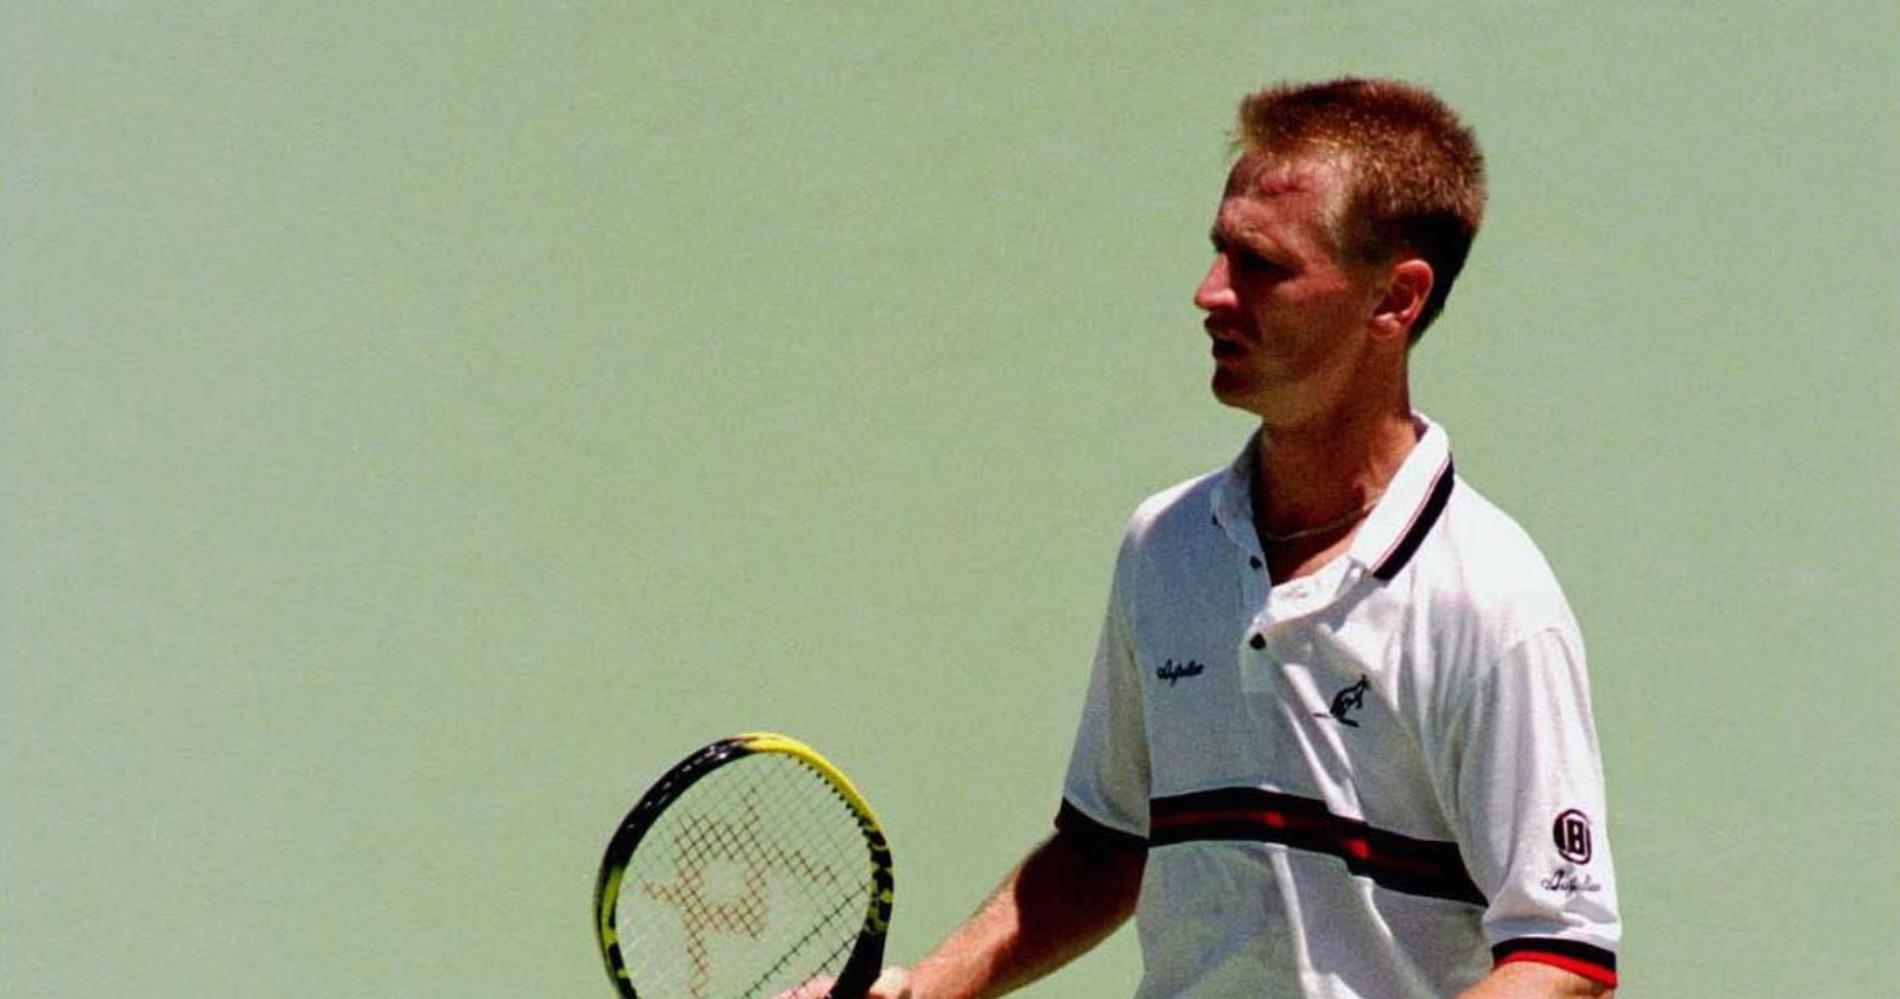 Petr Korda, Australian Open 1999